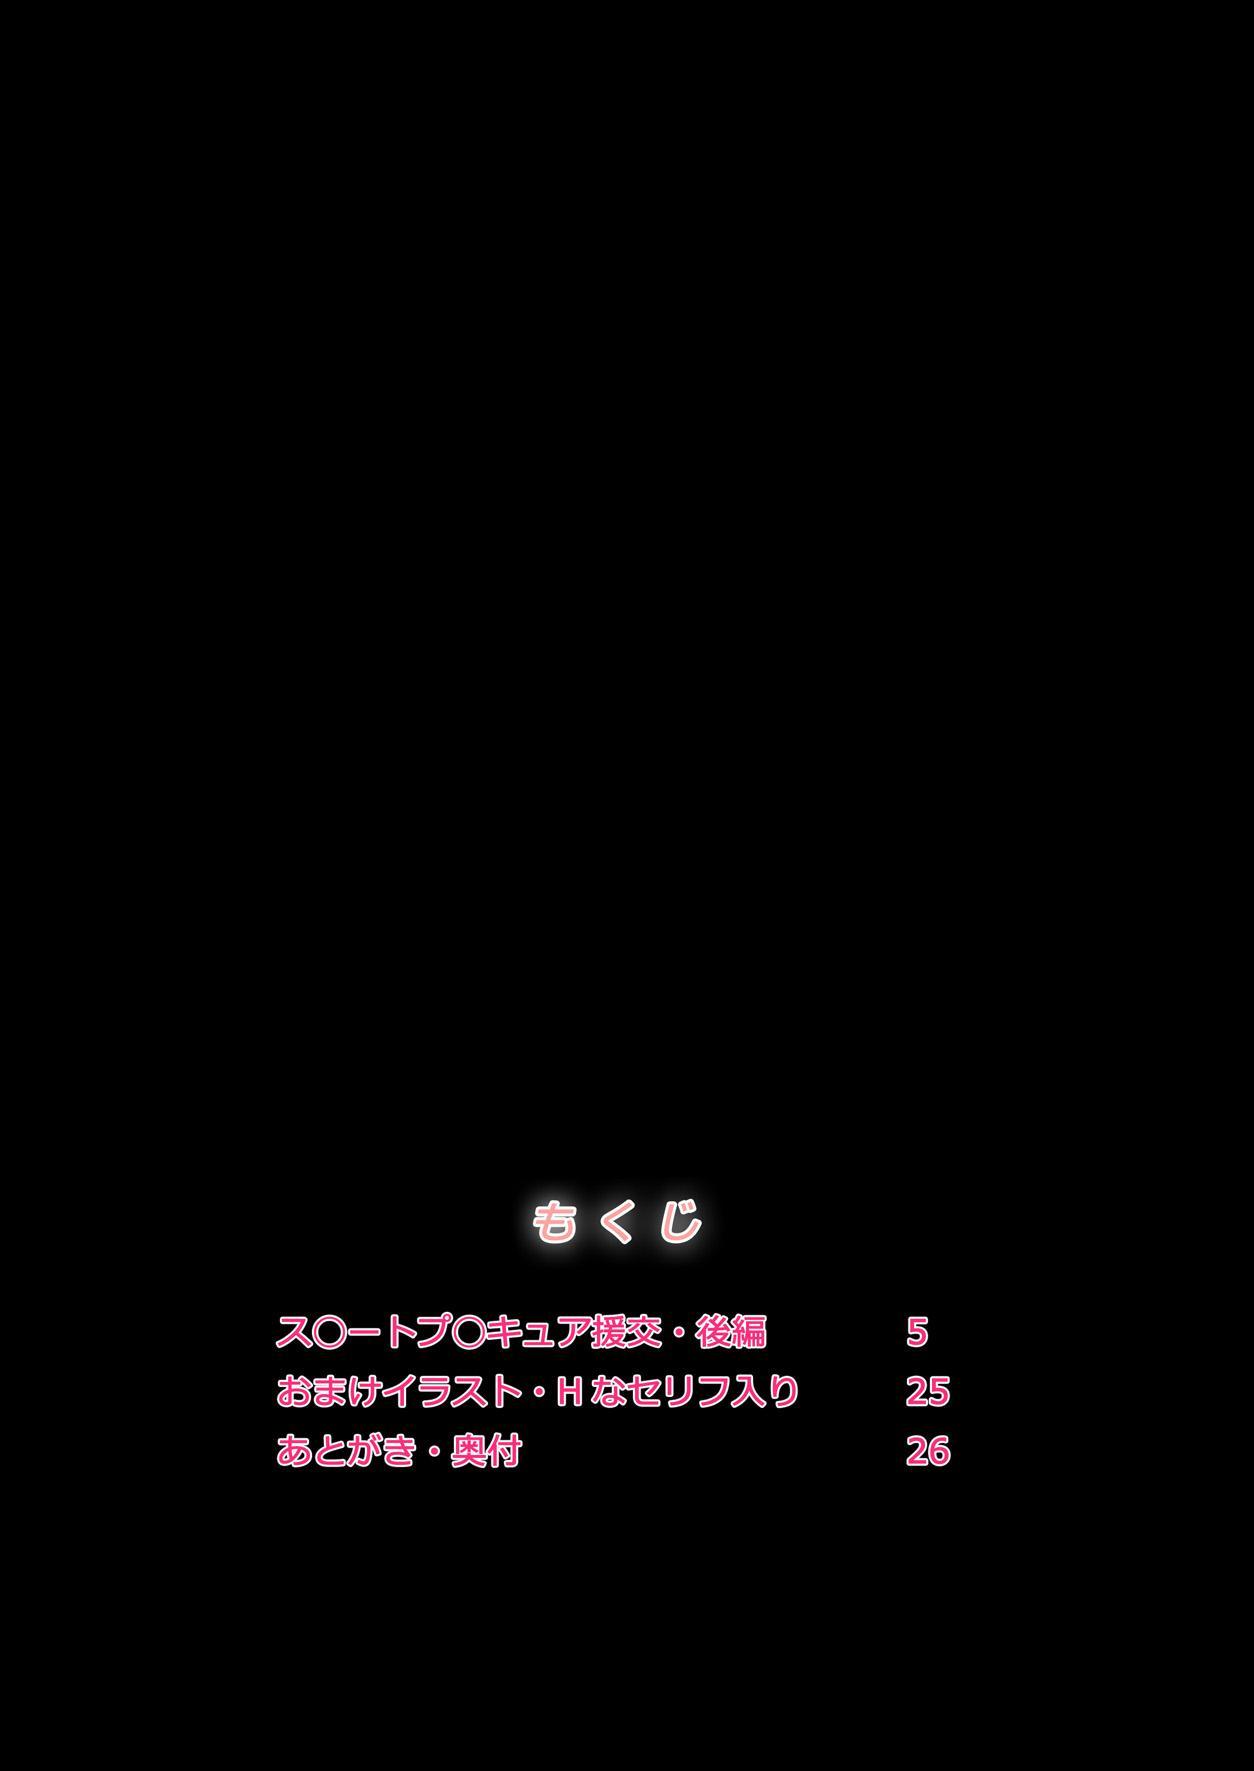 Suite Precure Enkou Vol, 2 2